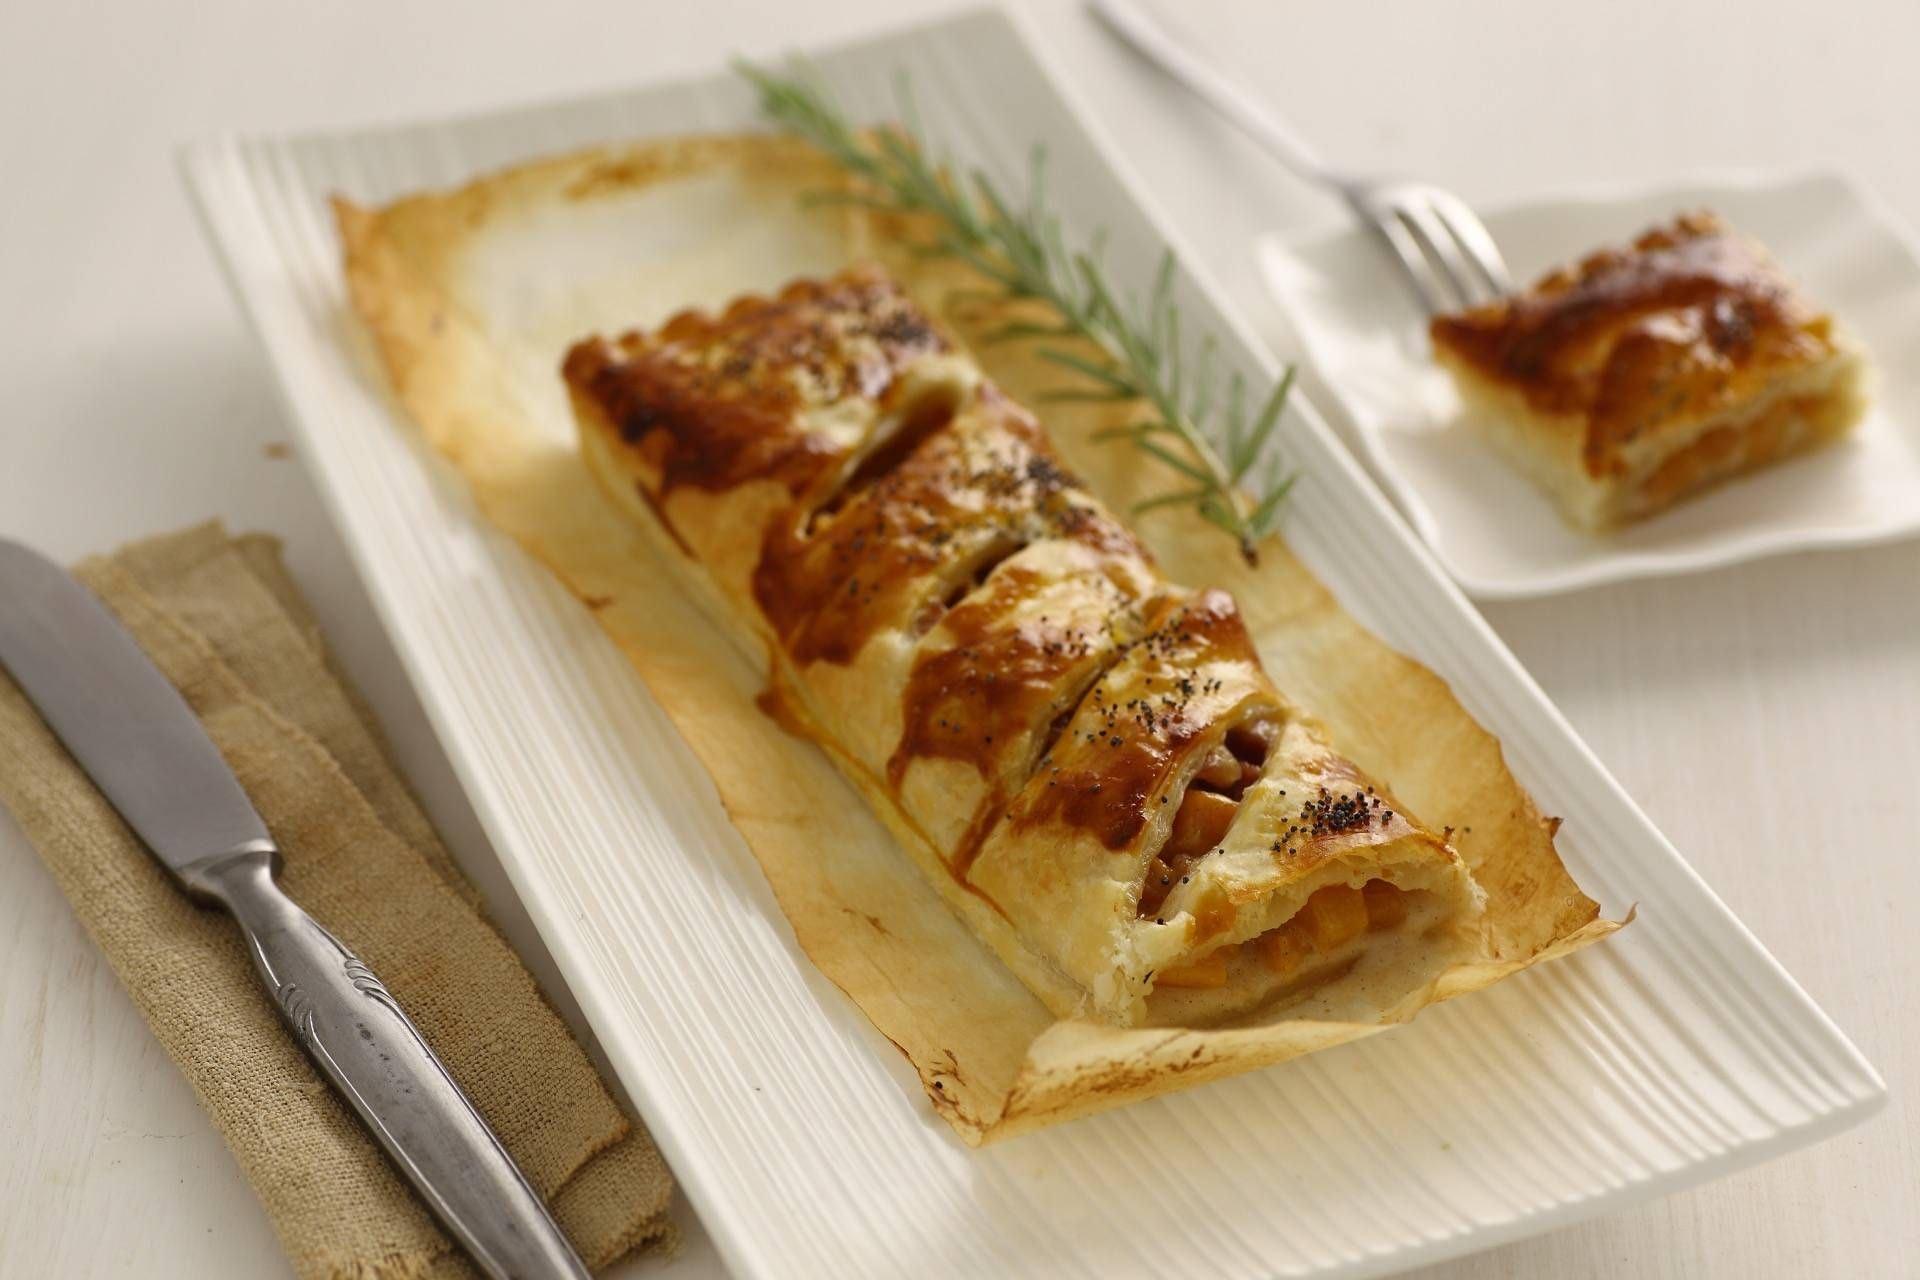 Strudel di zucca - Parmalat